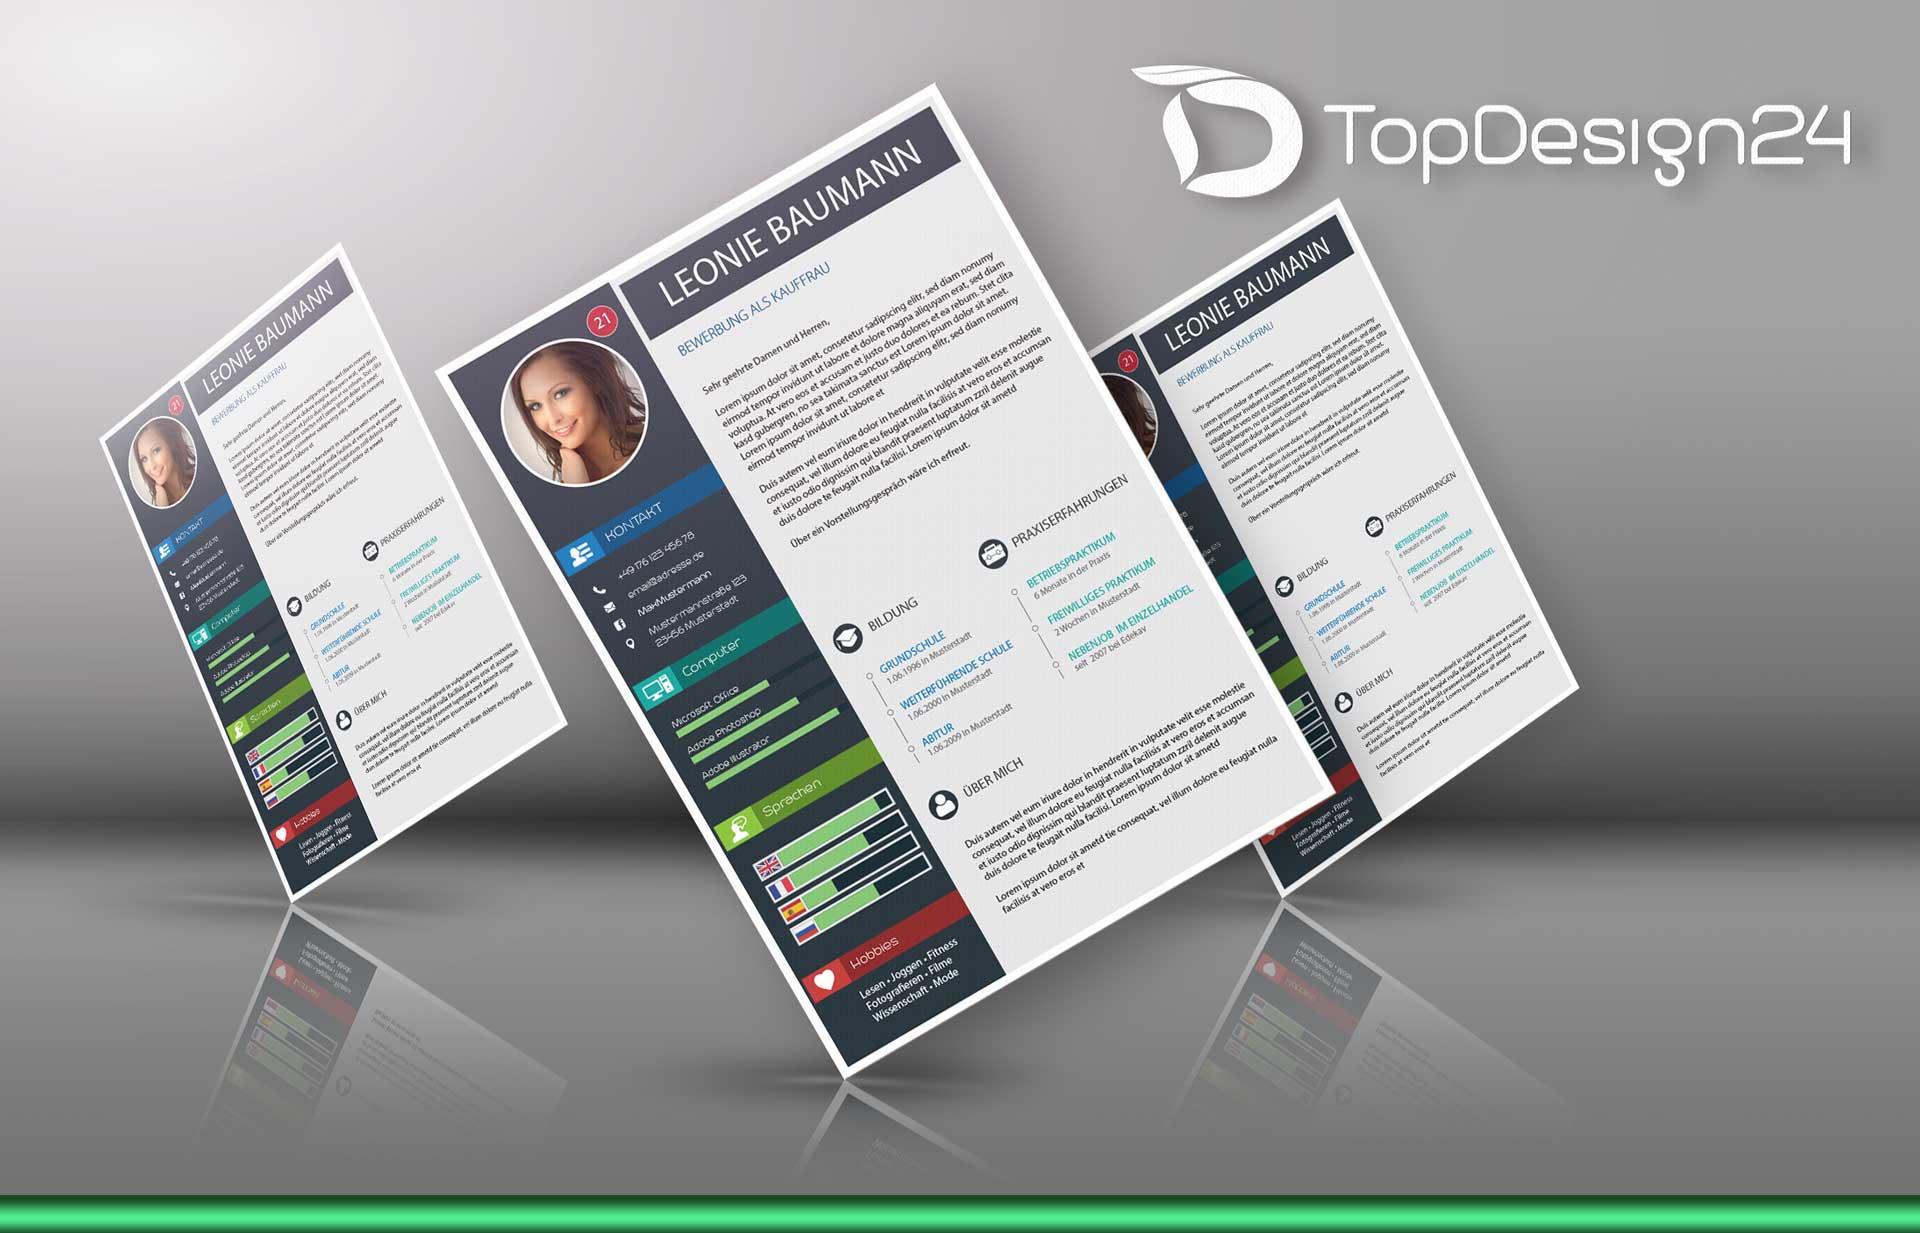 bewerbung deckblatt modern - Bewerbung Deckblatt Design